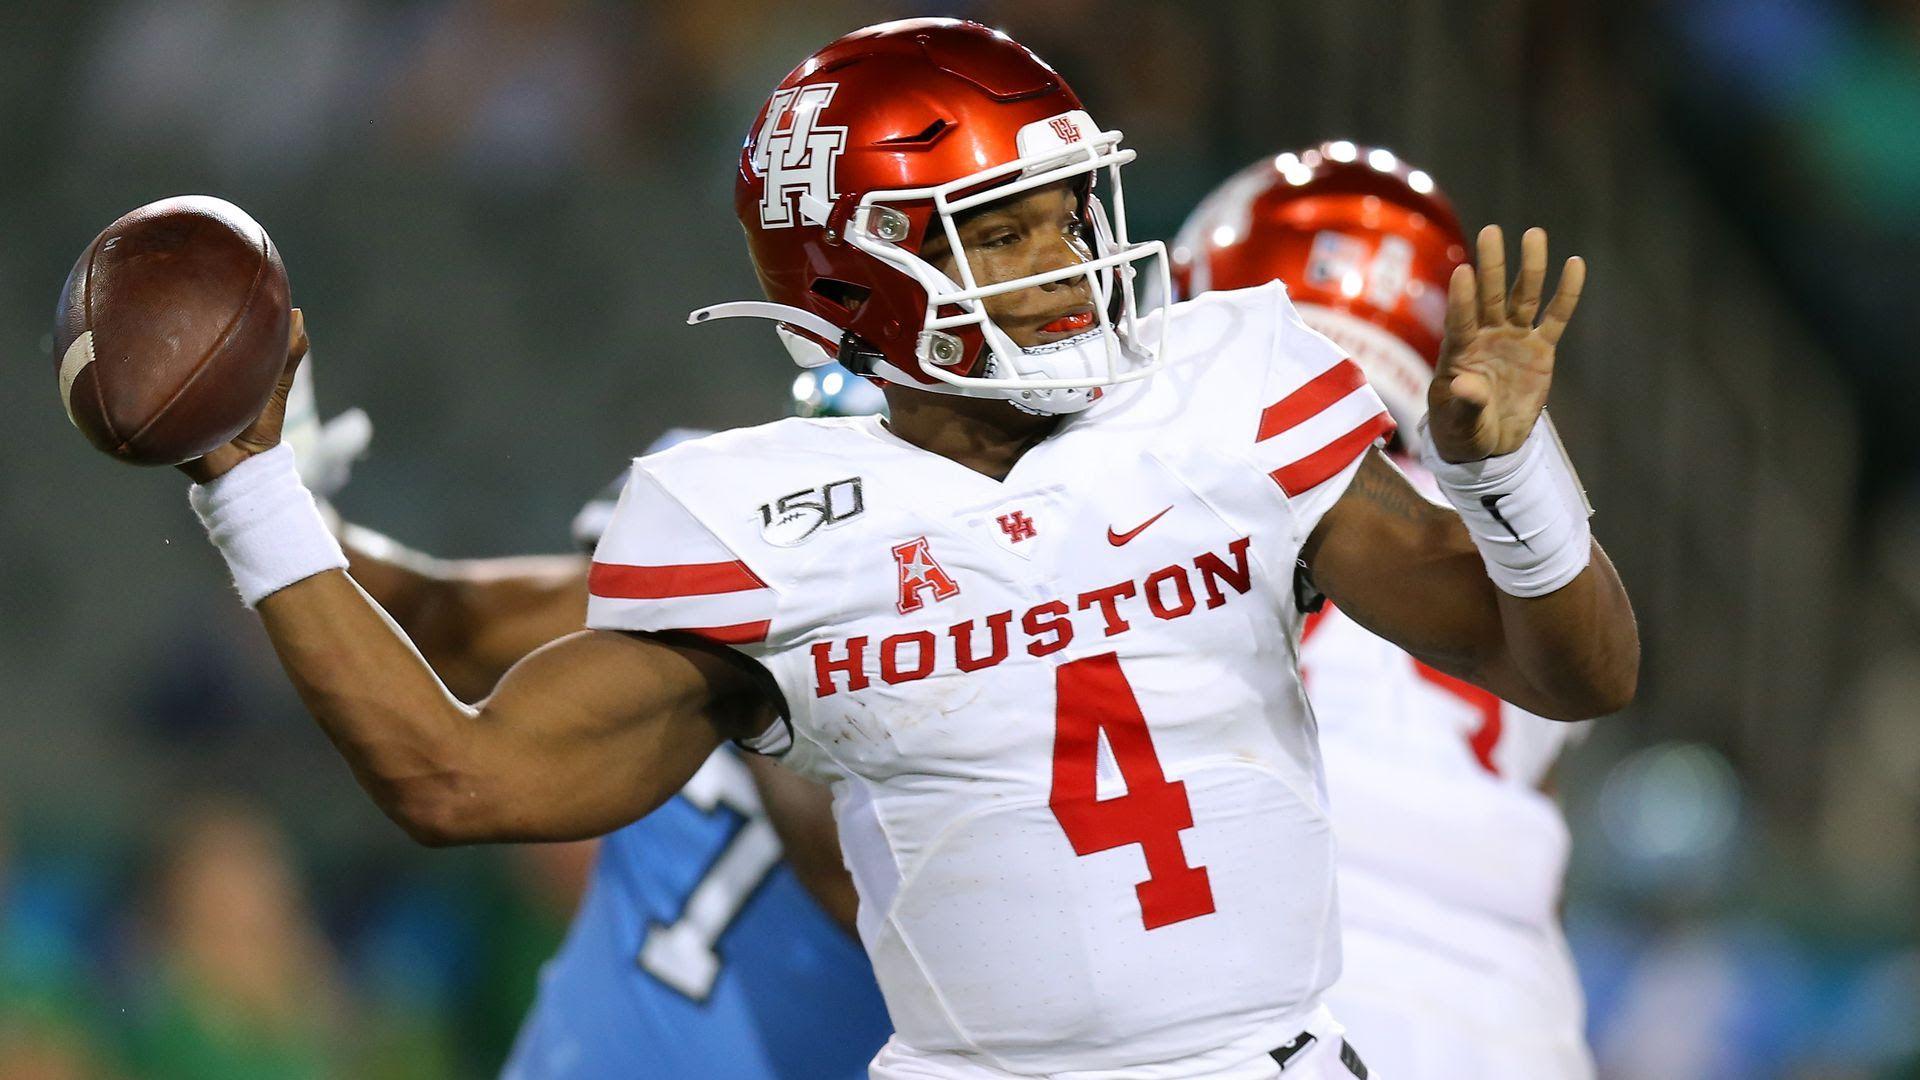 Houston's D'Eriq King